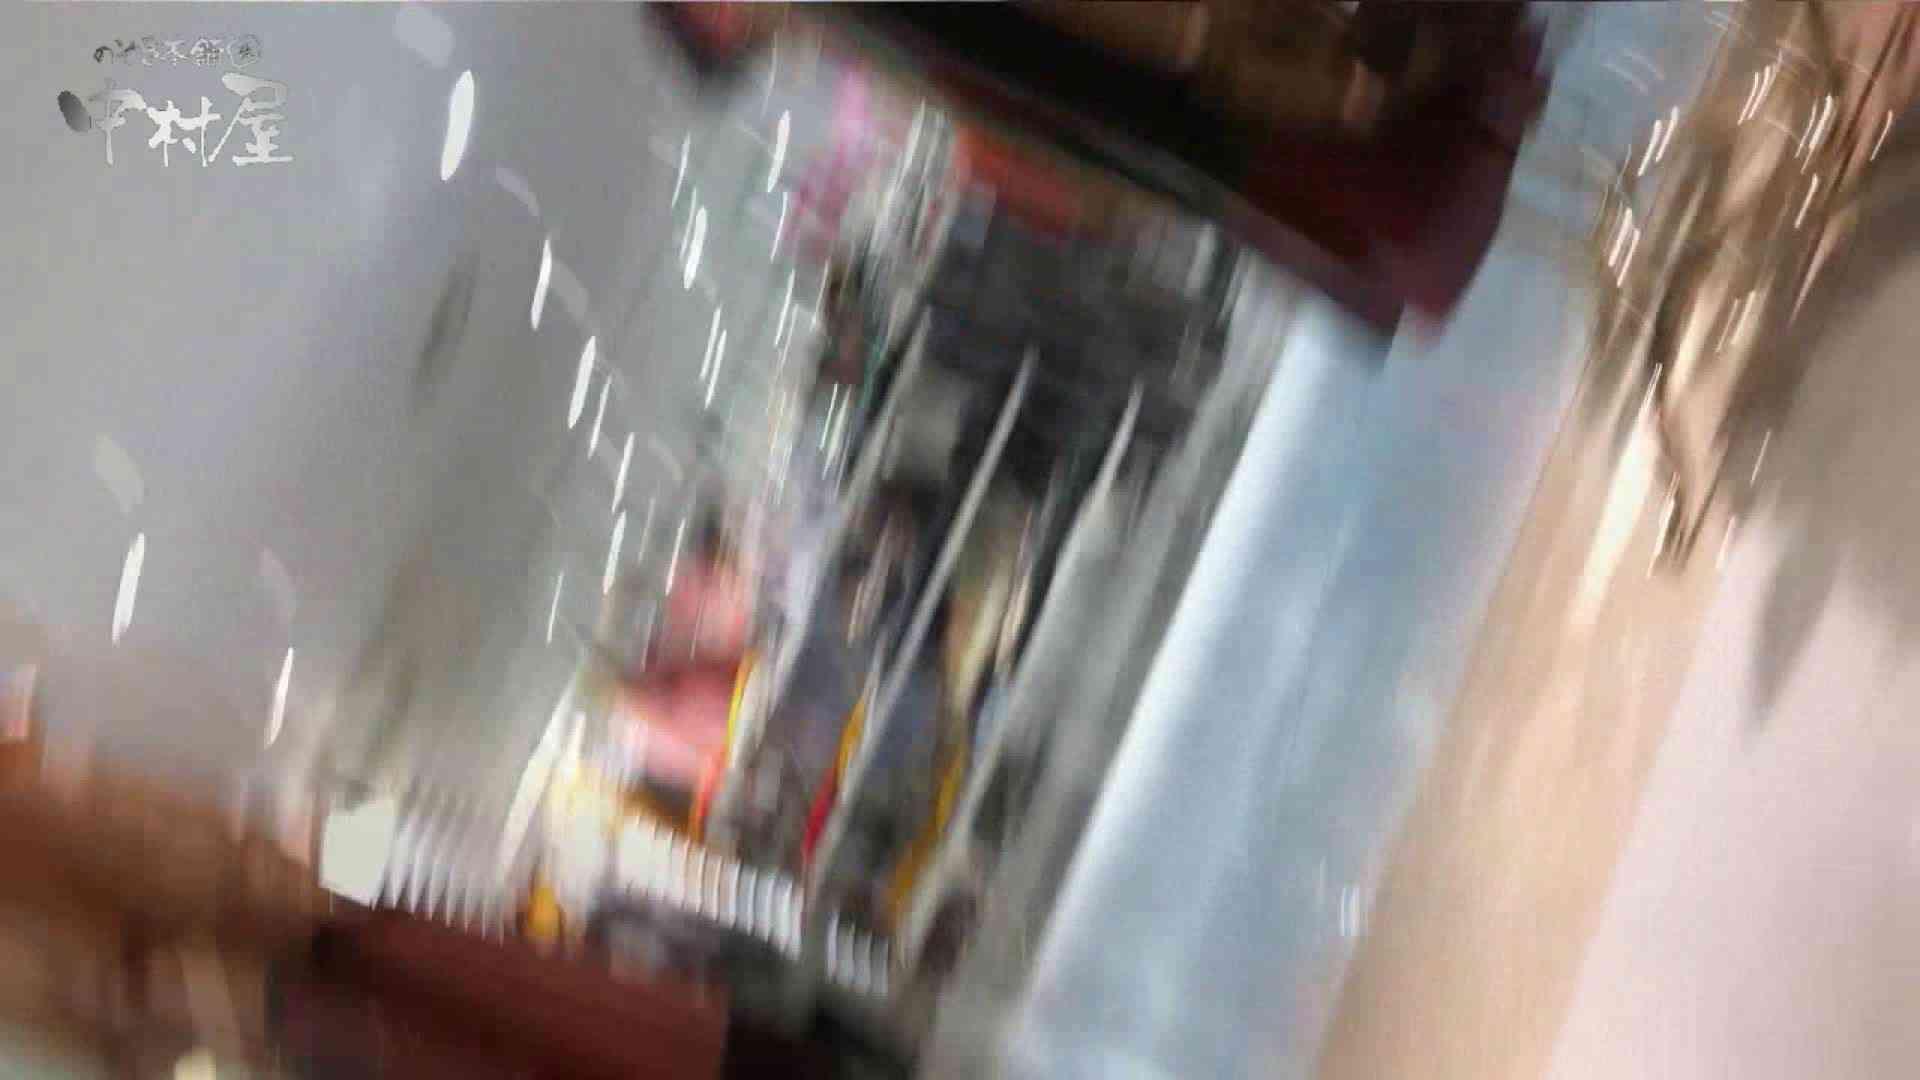 vol.82 美人アパレル胸チラ&パンチラ チラ豊作! 美人 盗撮画像 108pic 38